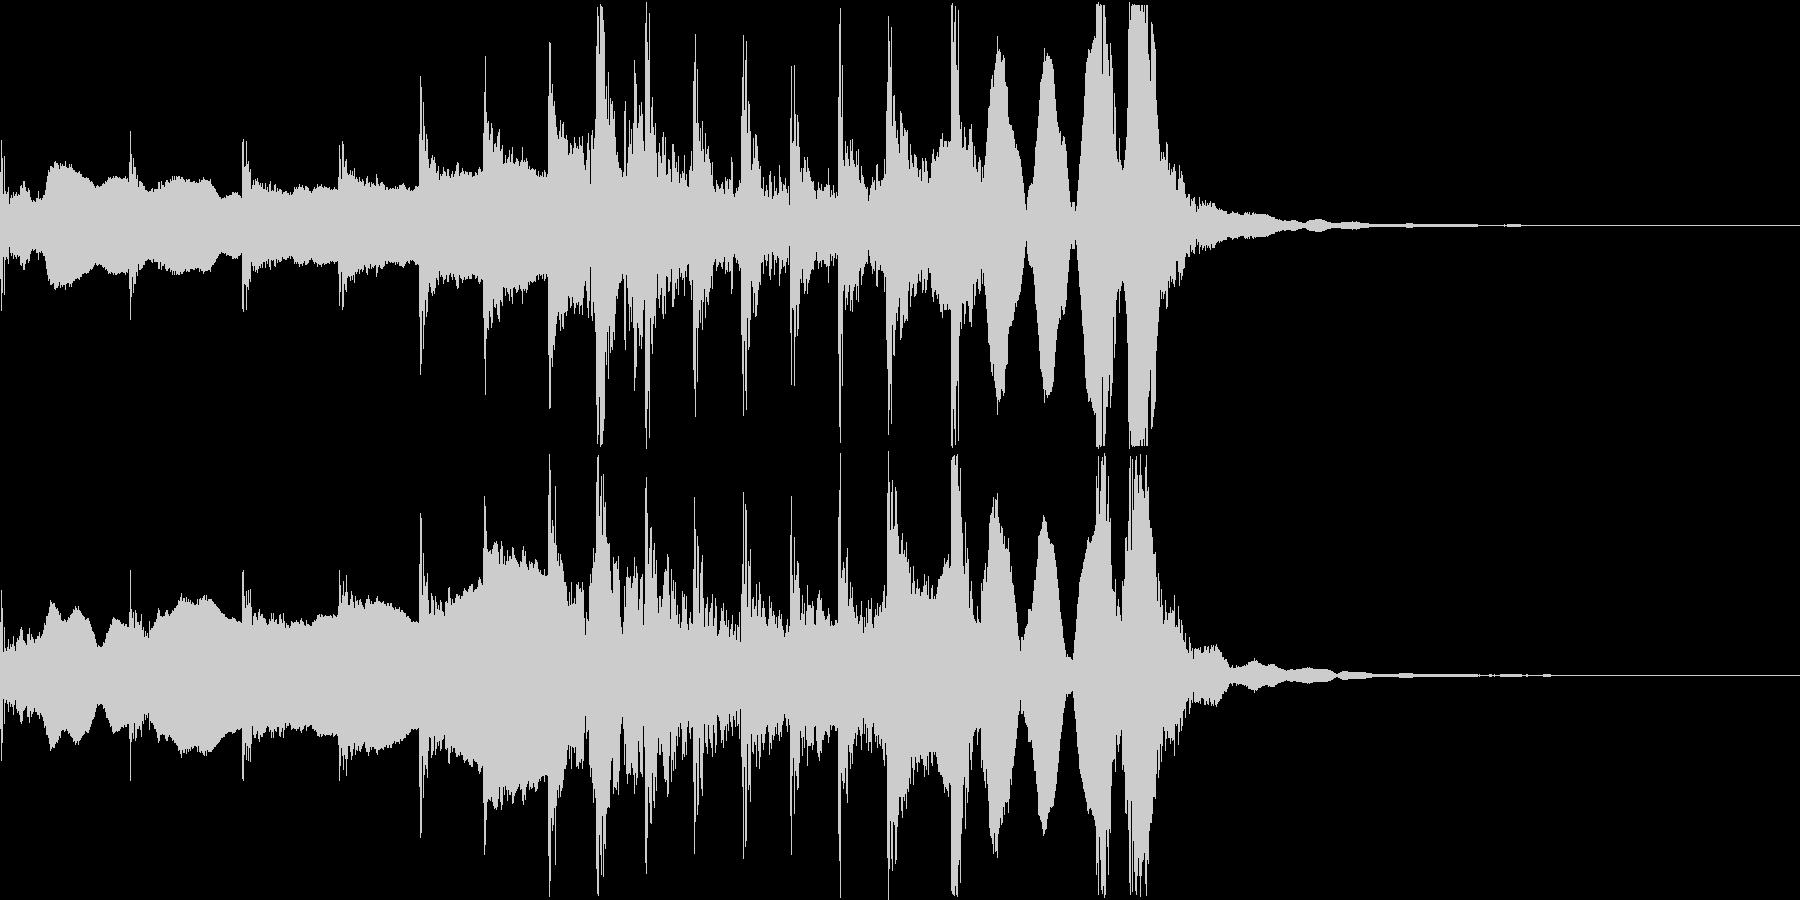 和風ジングル7秒(尺八、拍子木、三味線)の未再生の波形